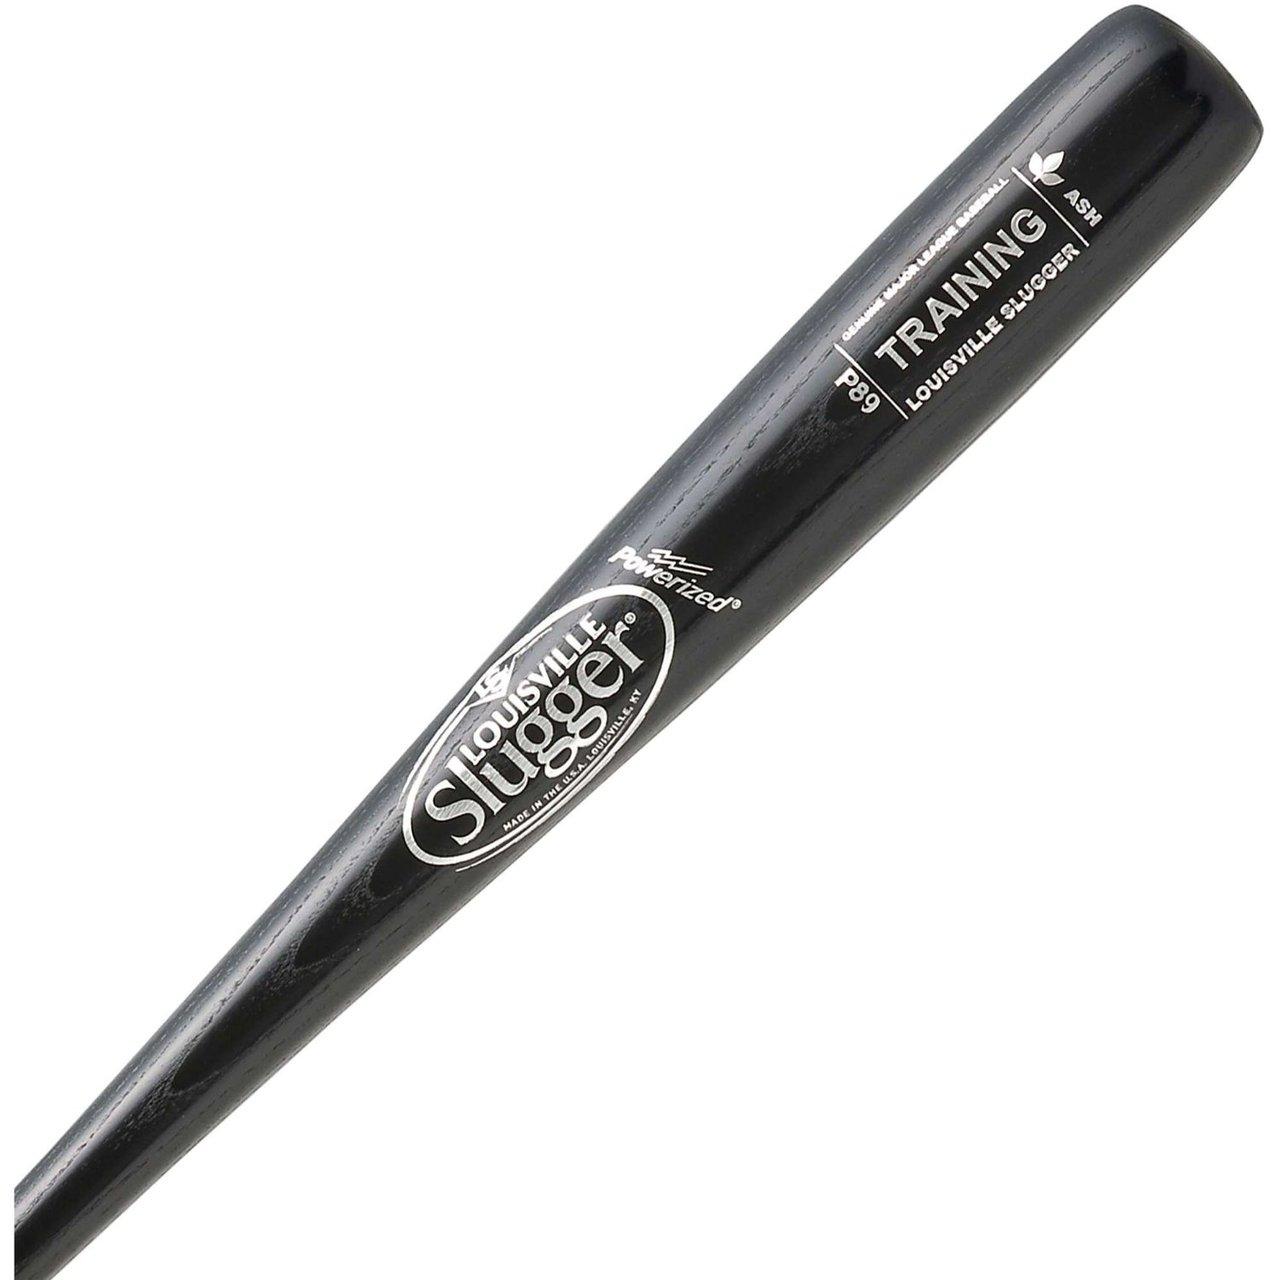 Ash Baseball Bats